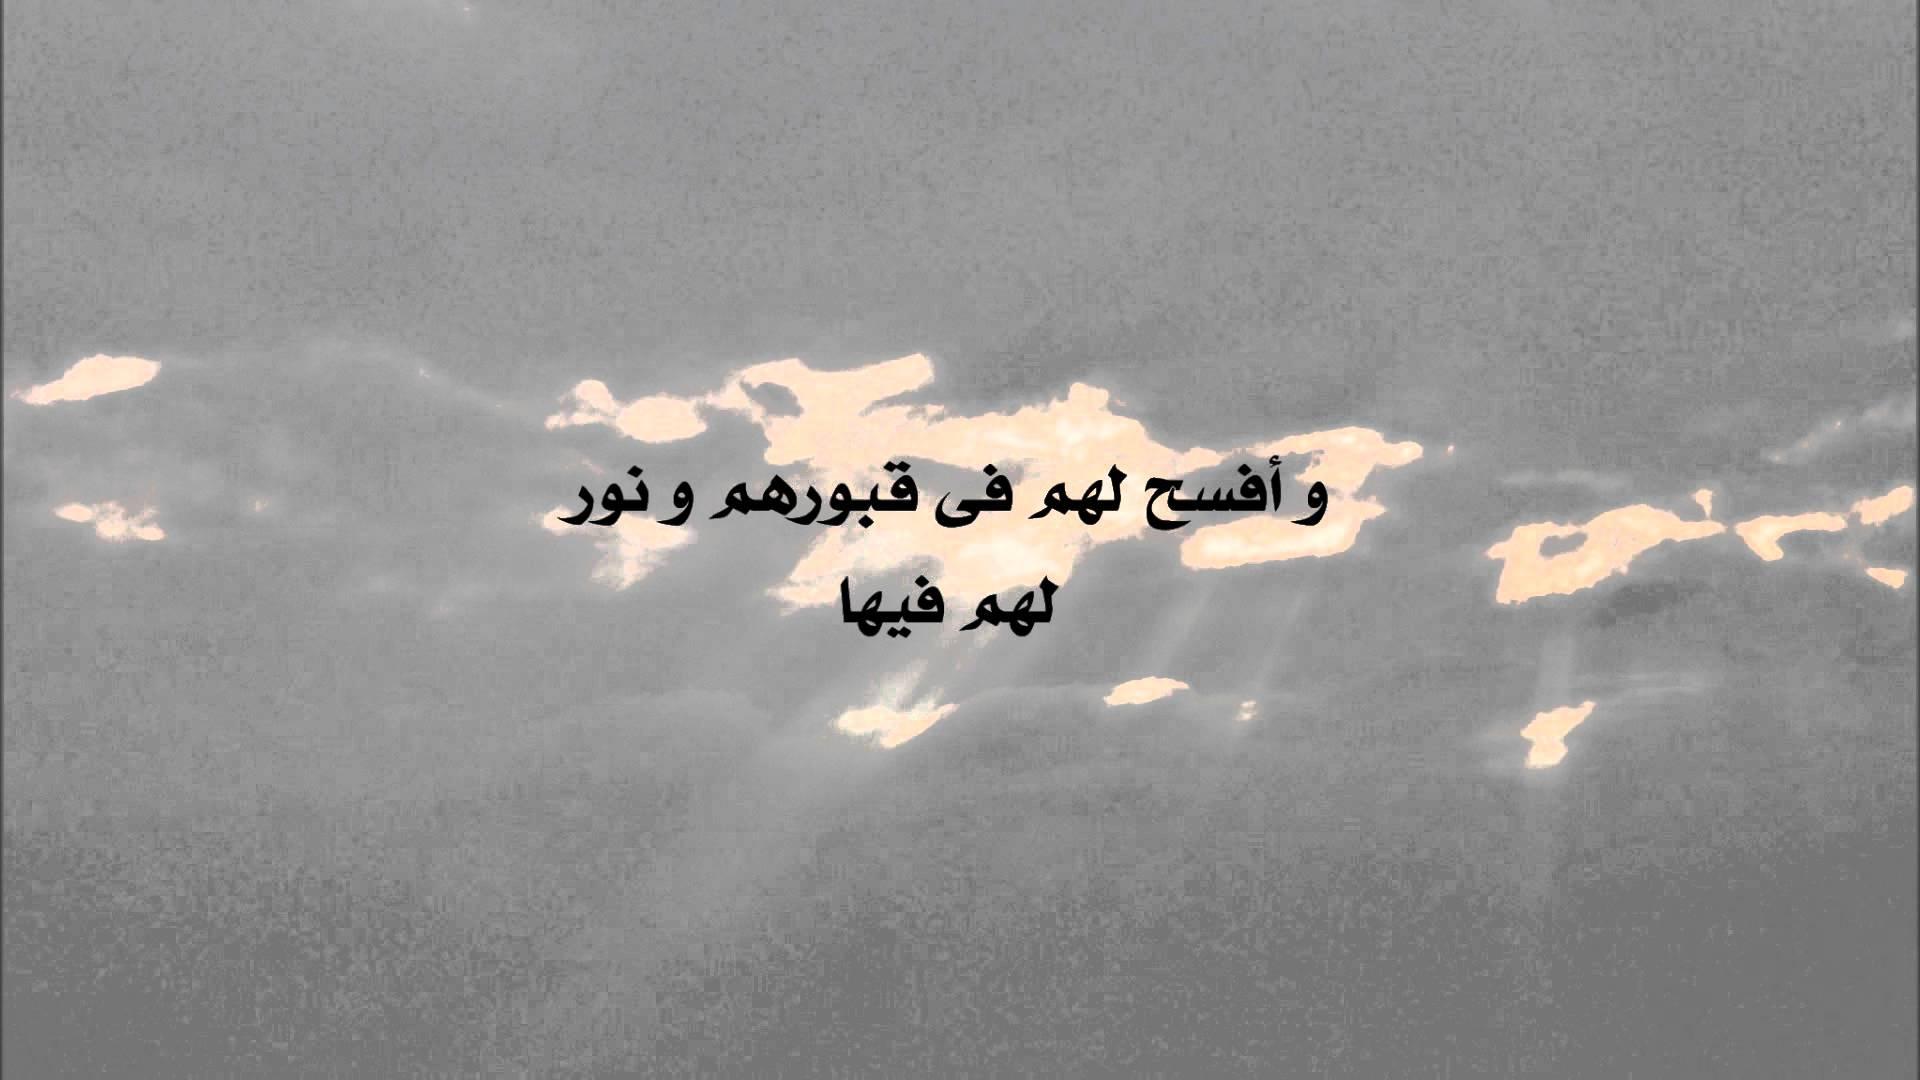 بالصور صور عن فراق الاب , صور حزينه عن فراق الاب 3195 13